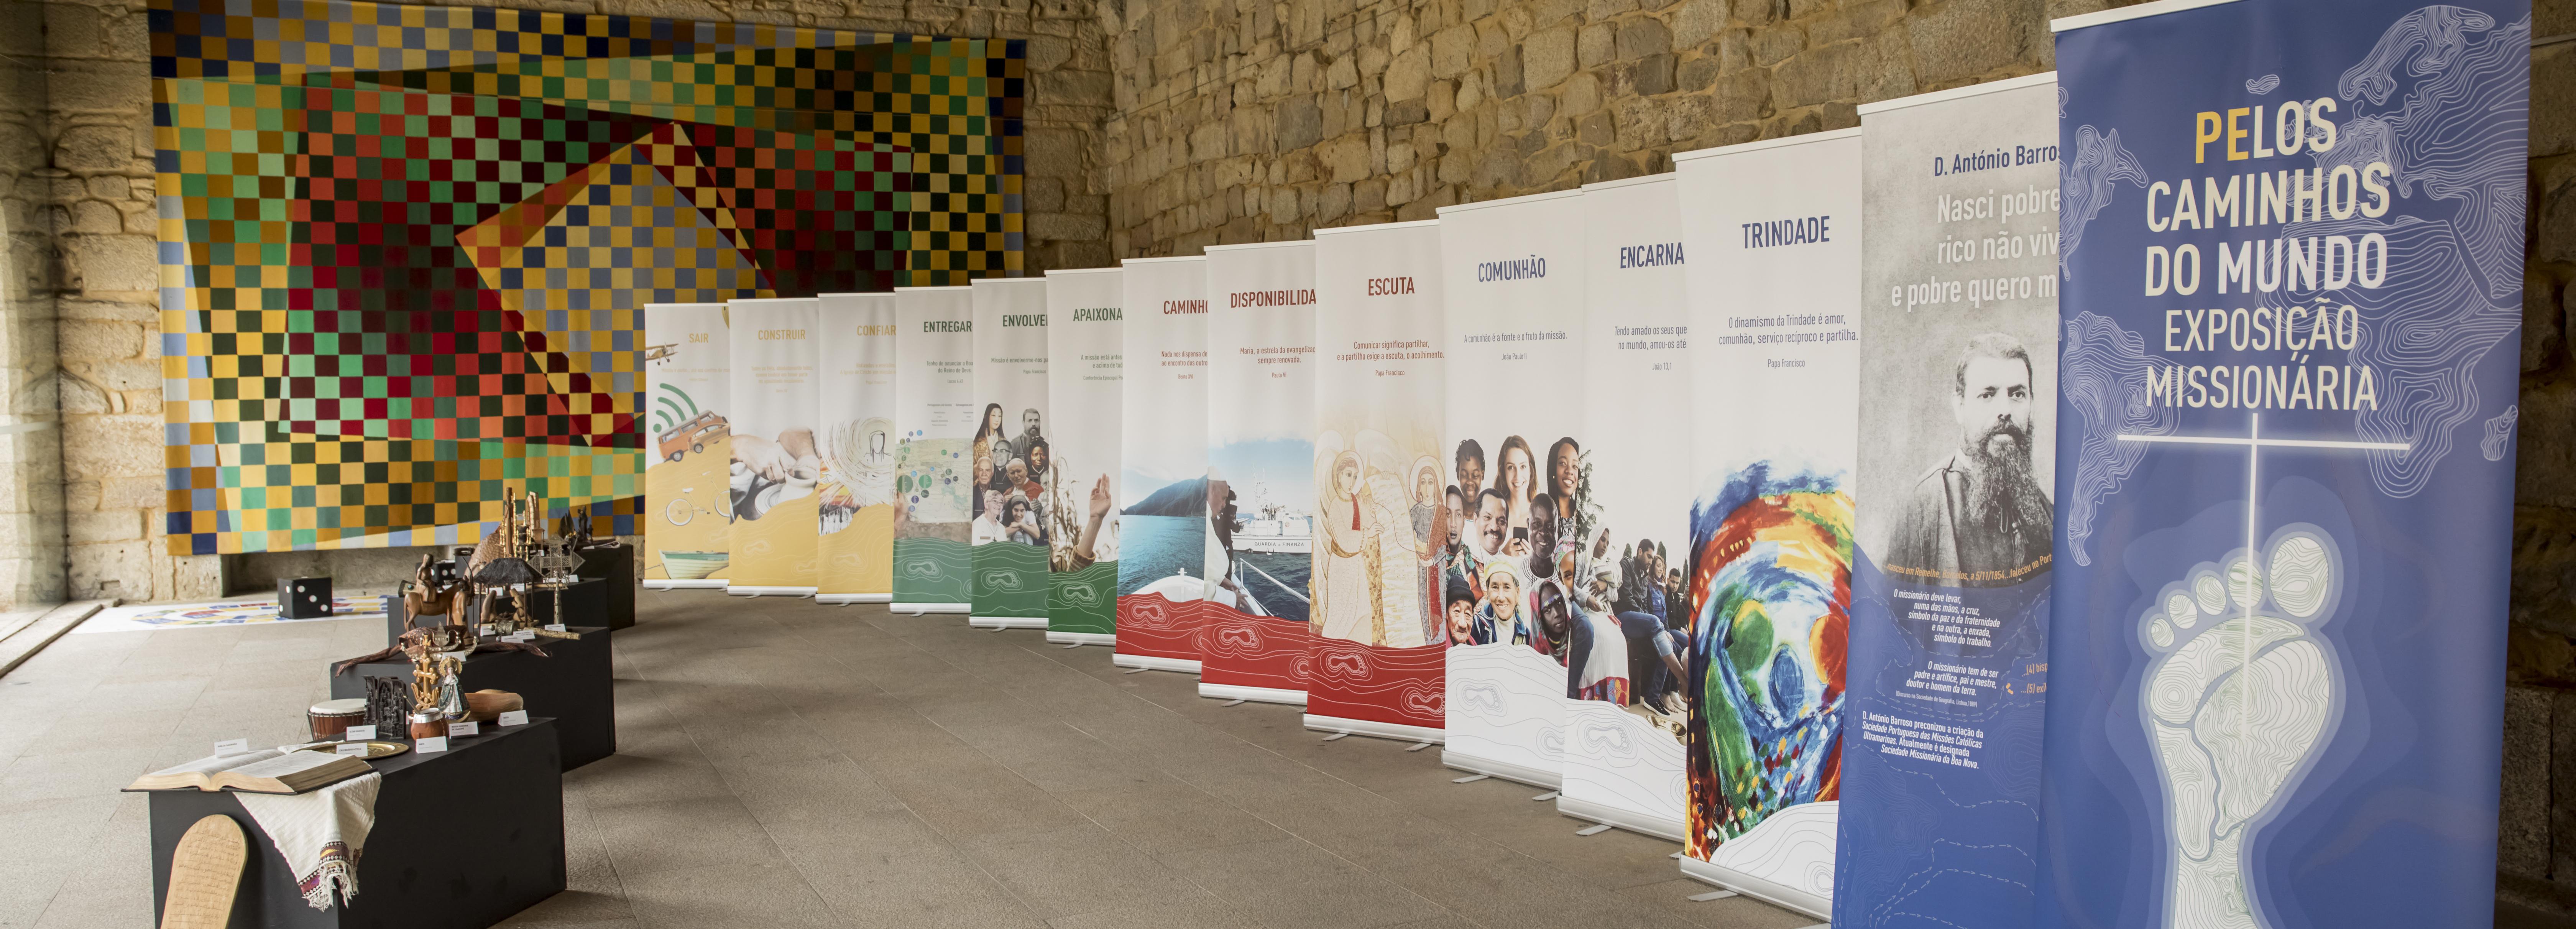 Exposição missionária itinerante evoca D. António Barroso